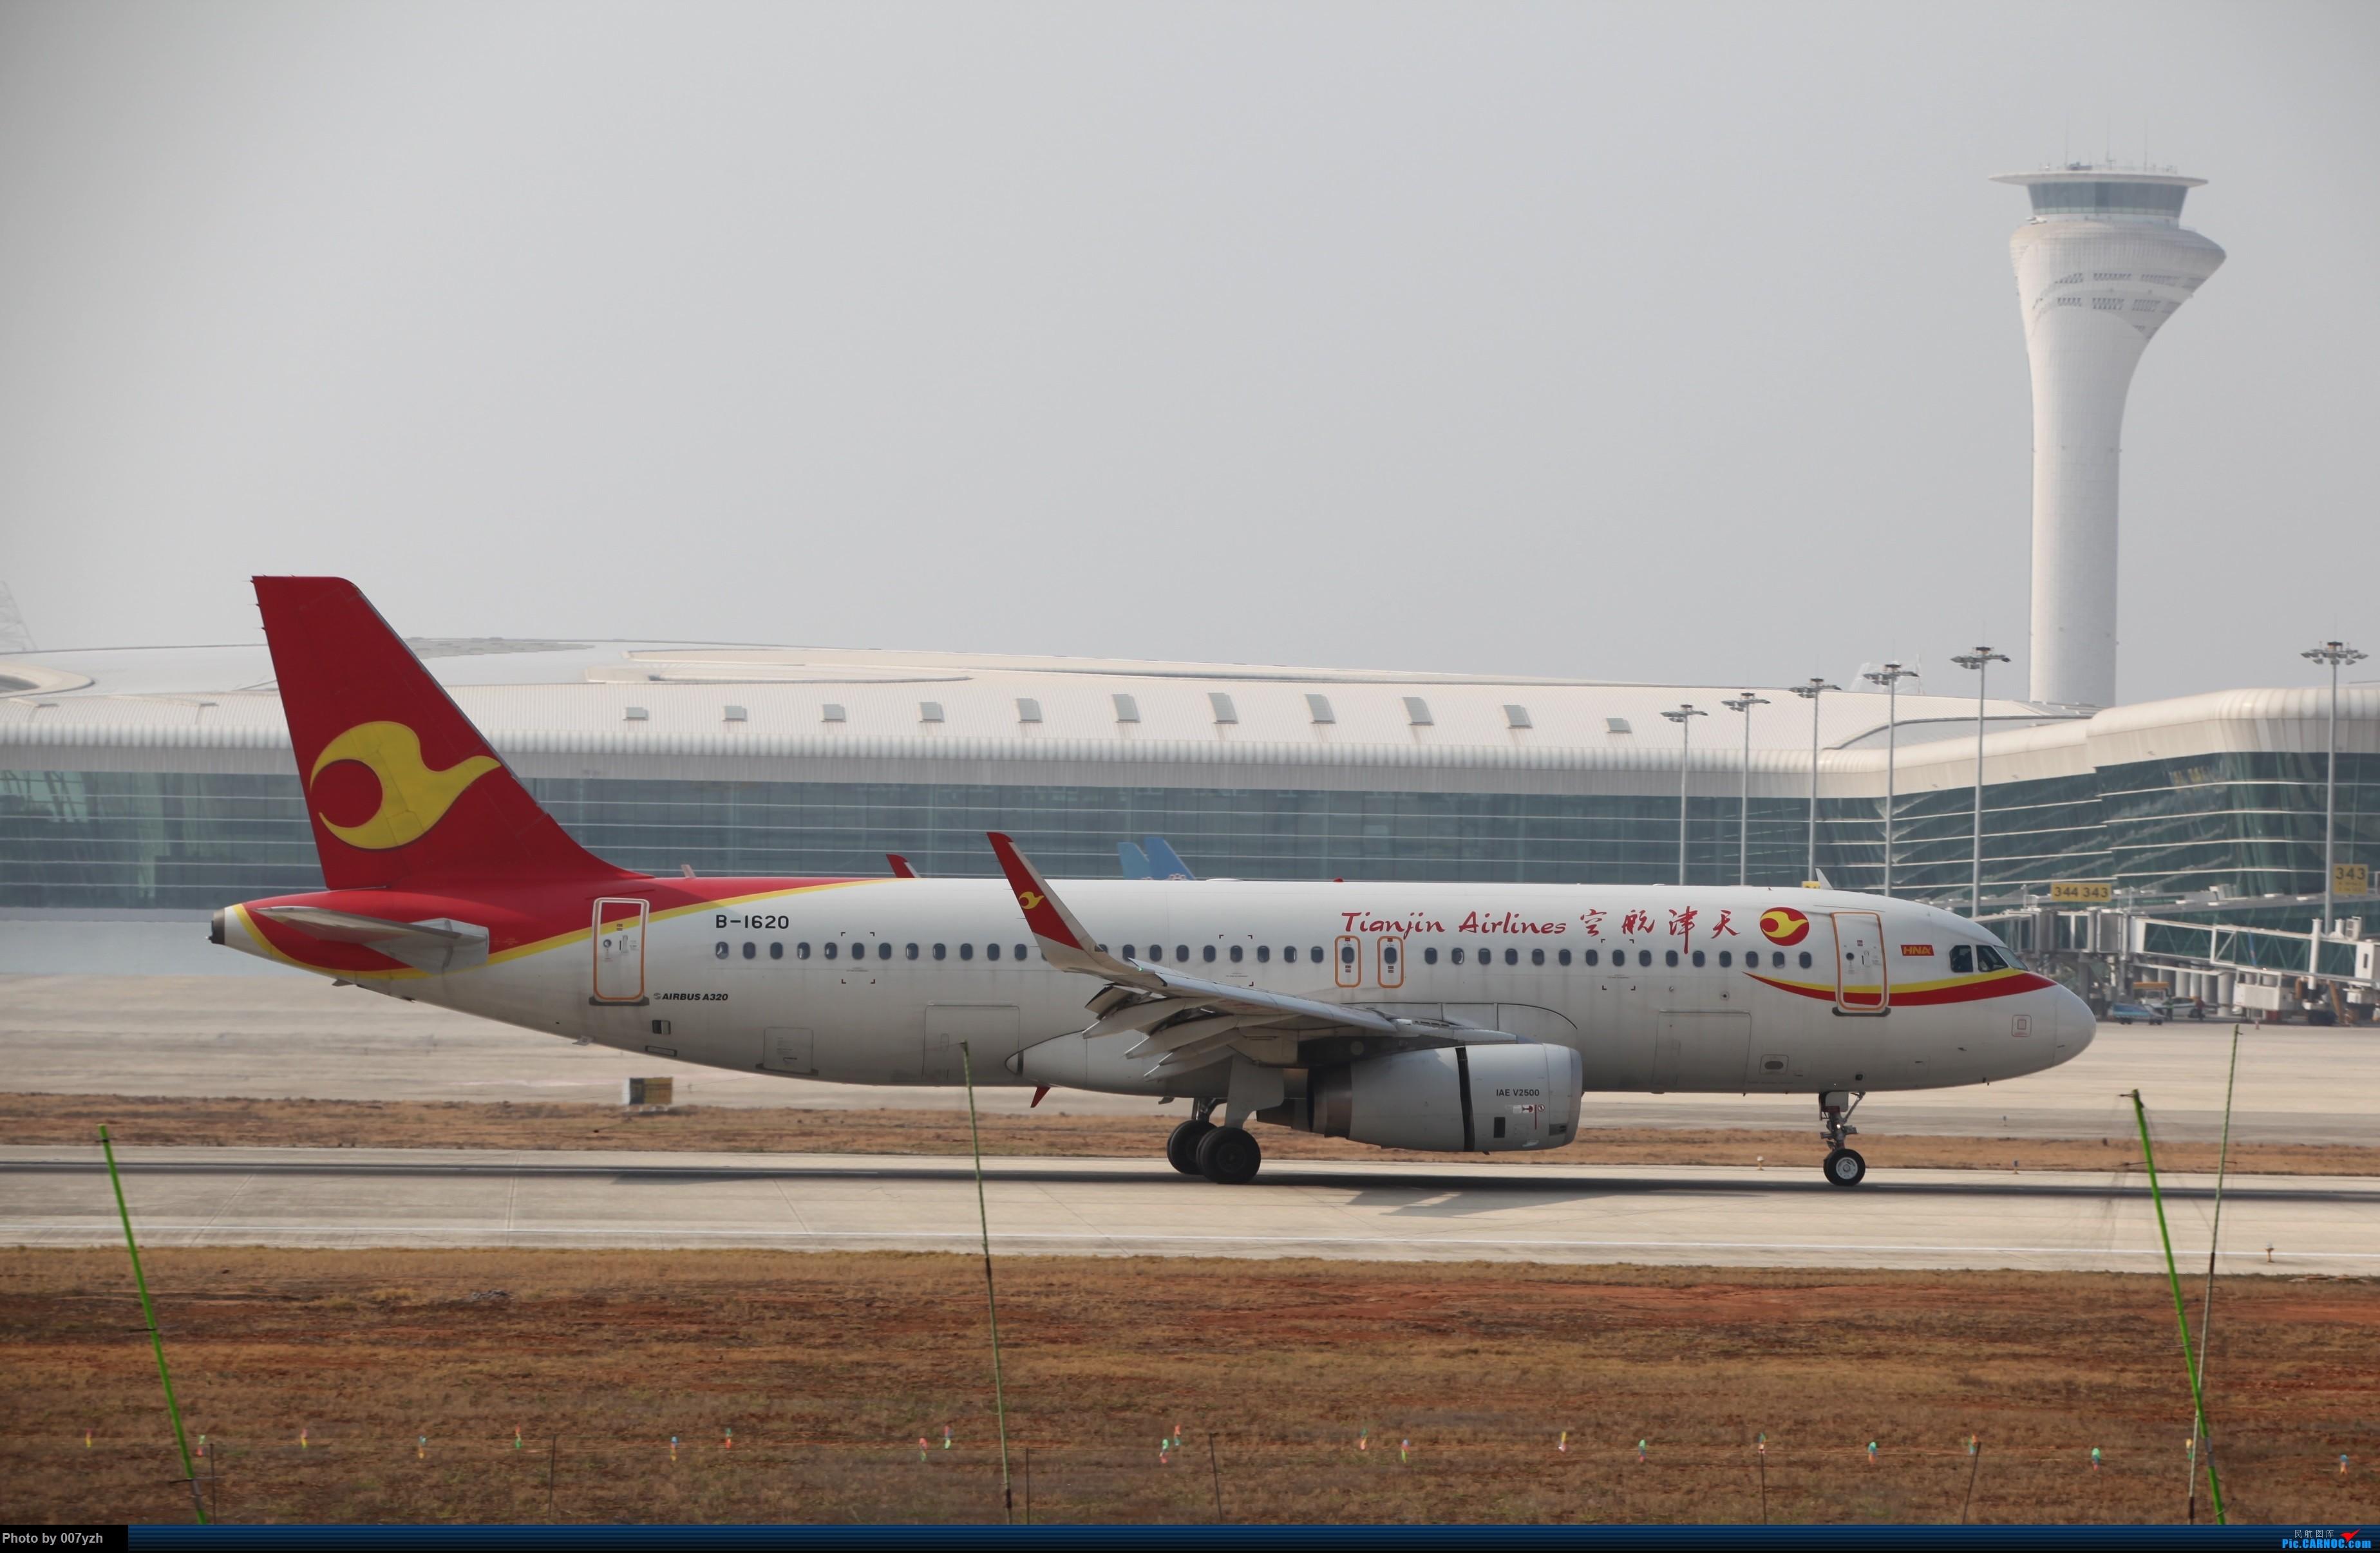 Re:[原创]WUH小拍,终于找到了在WUH拍机的组织 AIRBUS A320-200 B-1620 中国武汉天河国际机场